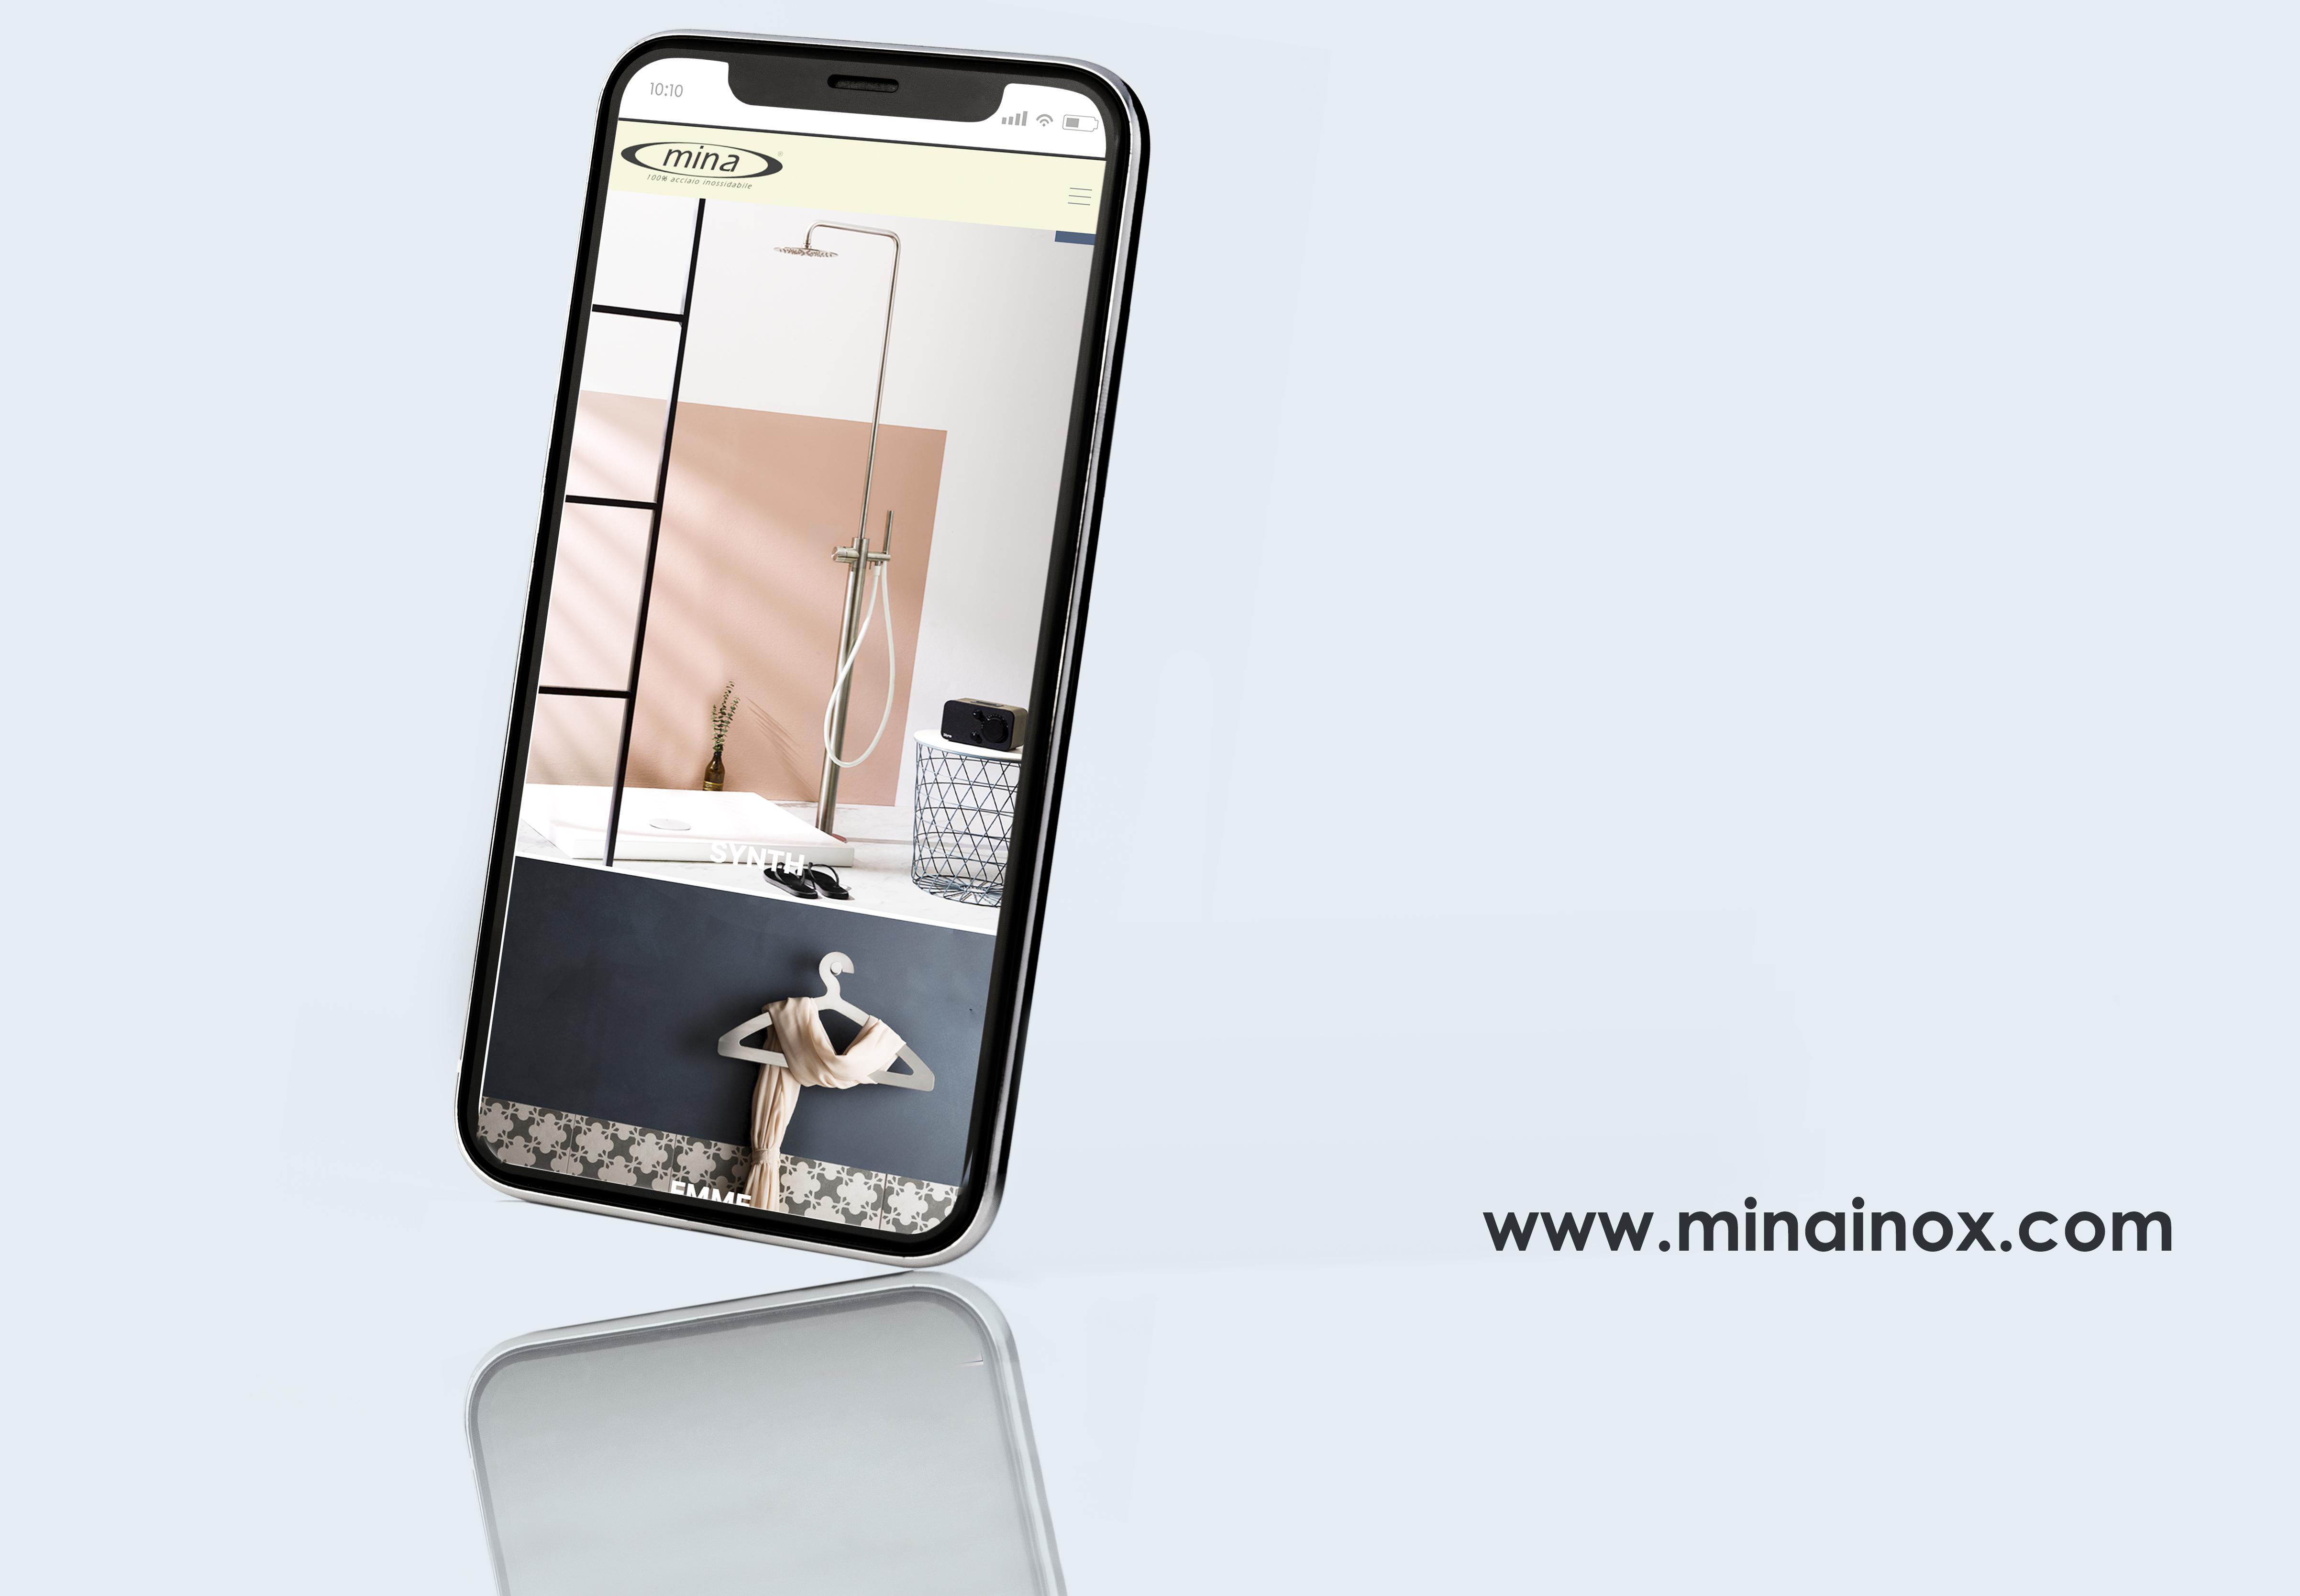 Mina Inox sito web